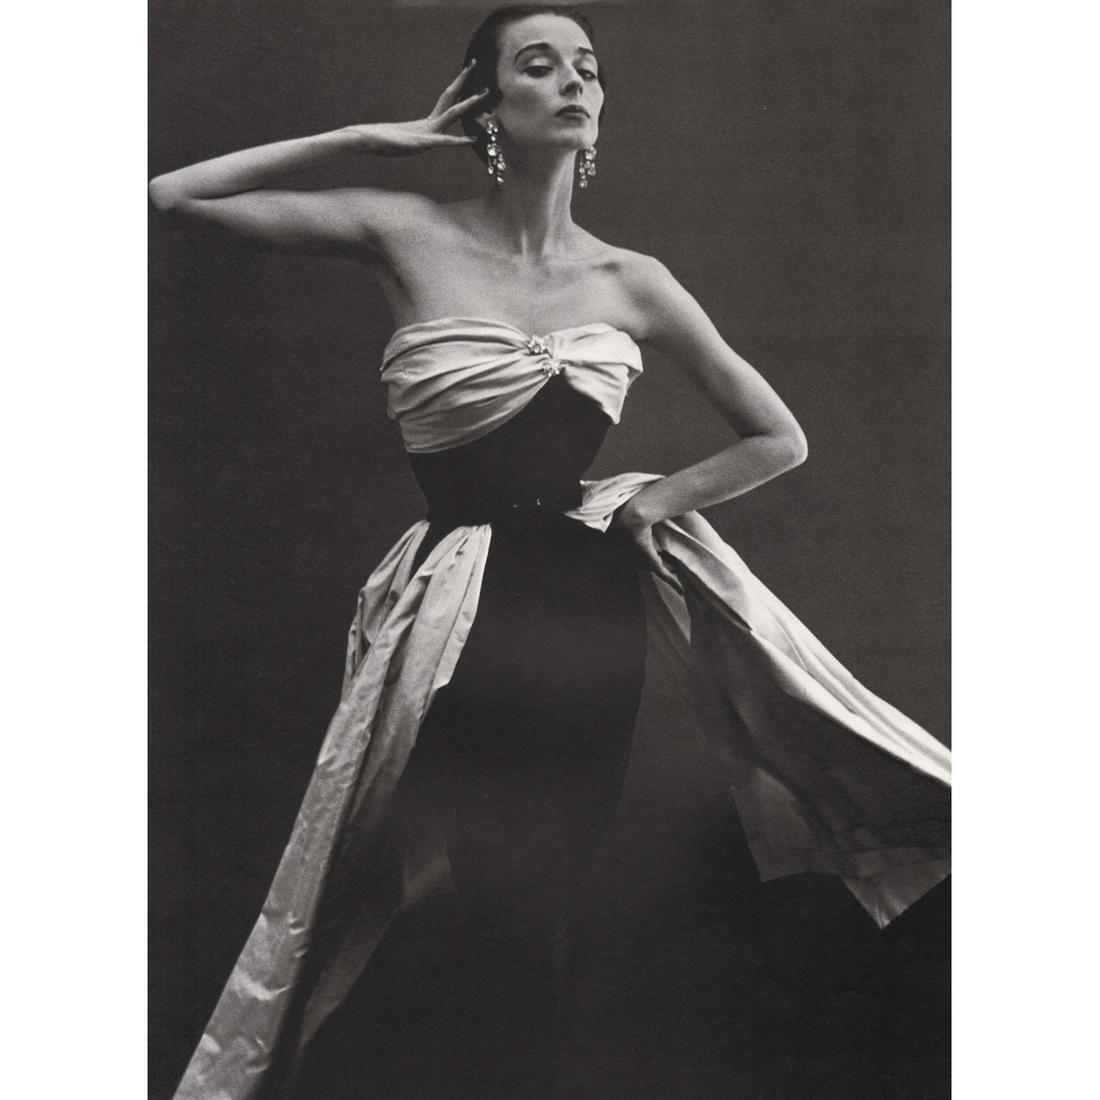 RICHARD AVEDON - Dorian Leigh, Dress by Balenciaga,